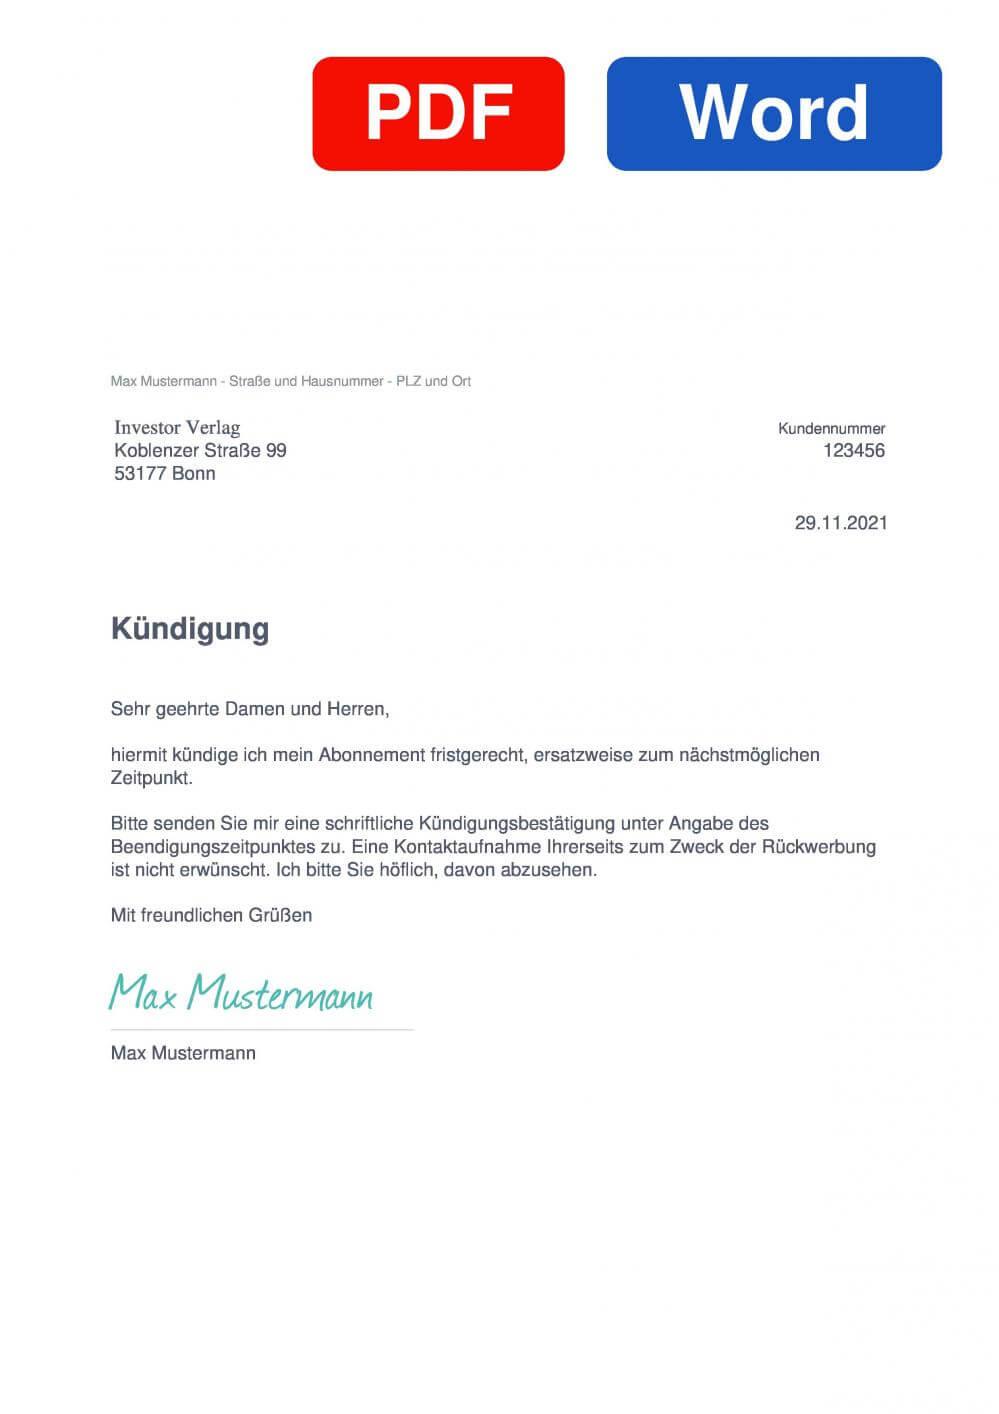 Investor Verlag Muster Vorlage für Kündigungsschreiben